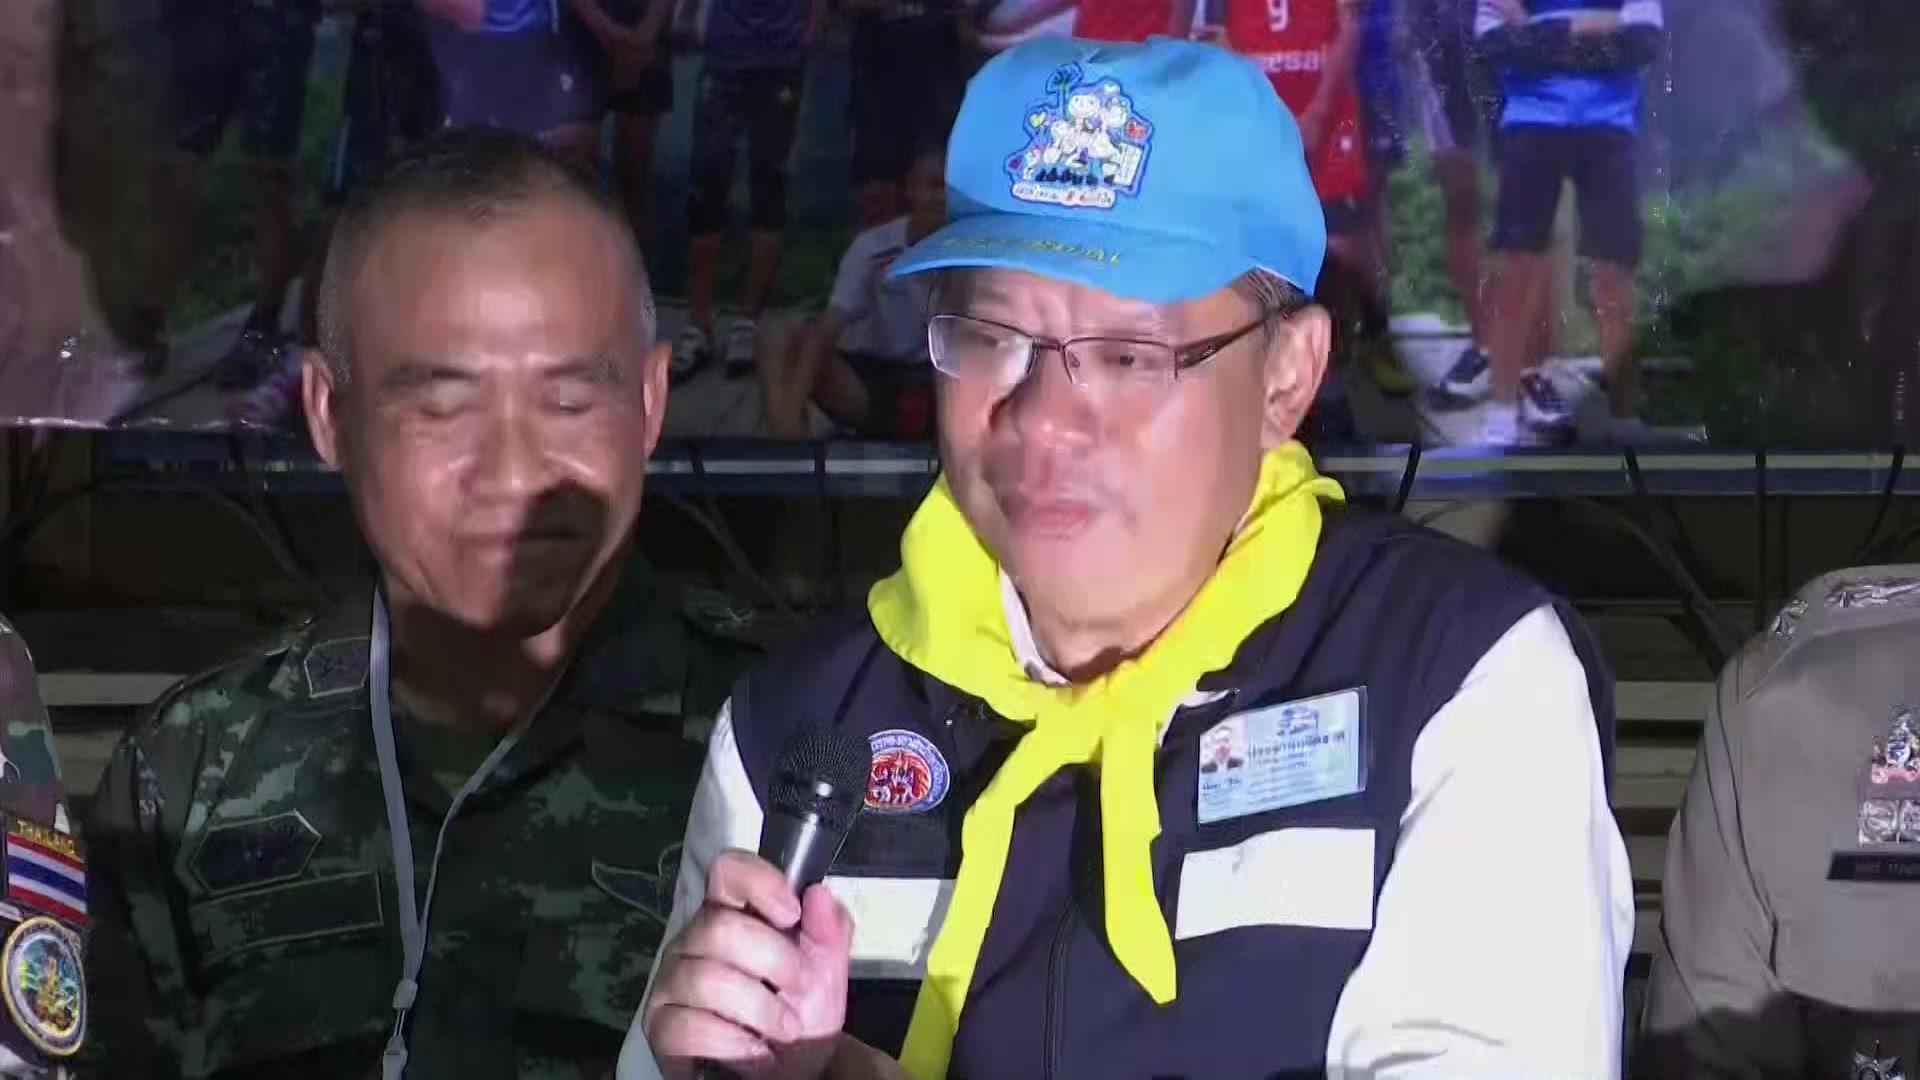 mayn_a_udland_aptn_direct_thailand_cave_1300-16.30.44.09.jpg